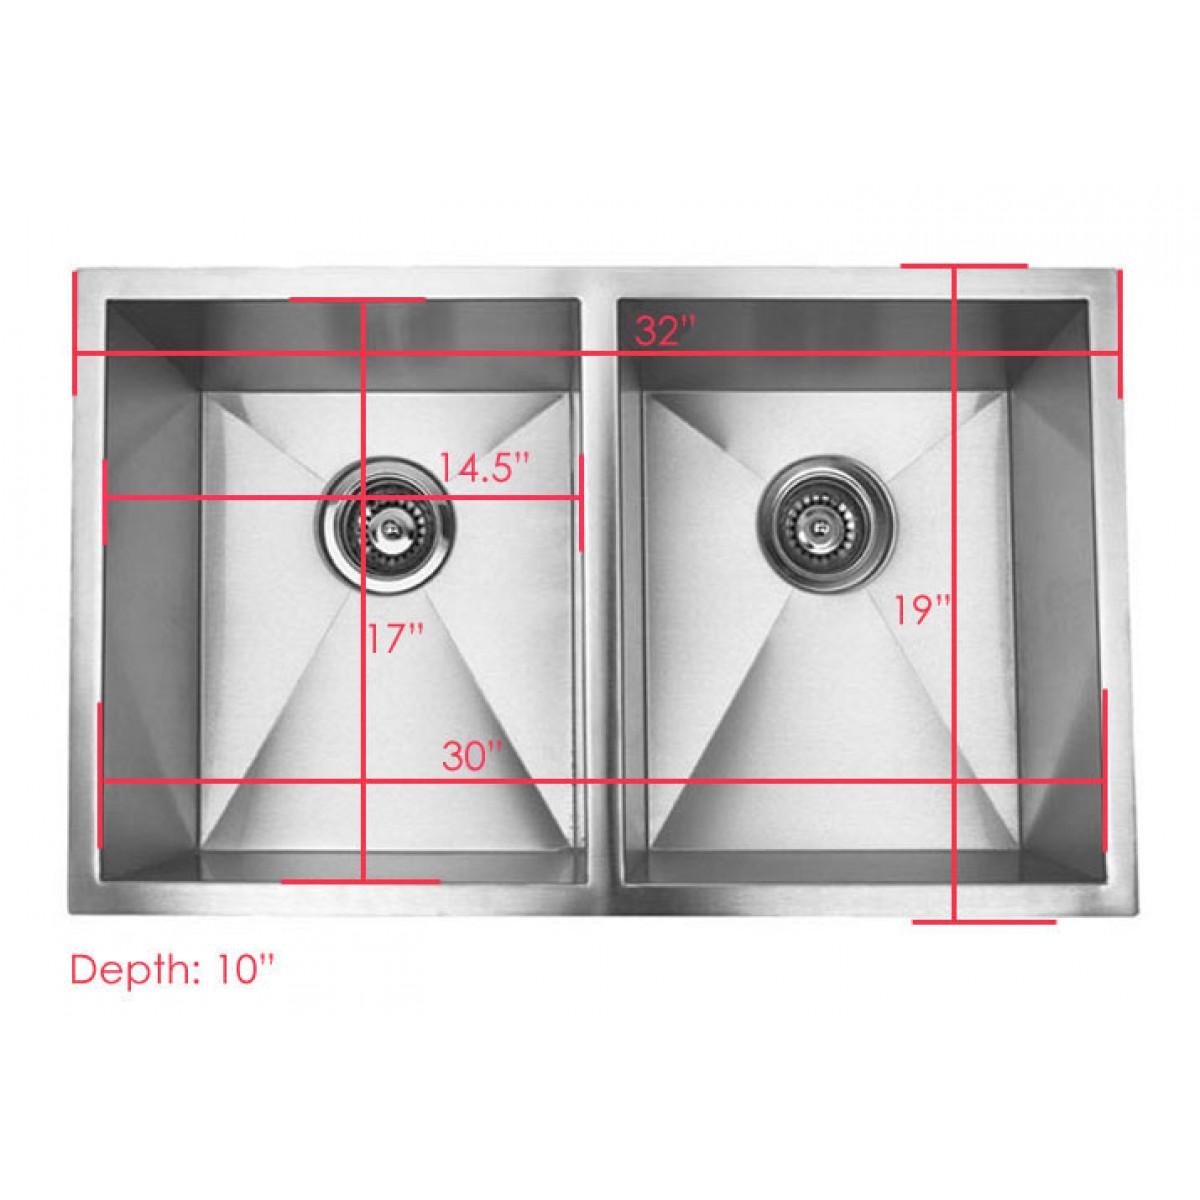 32 inch stainless steel undermount 50 50 double bowl kitchen sink zero radius design